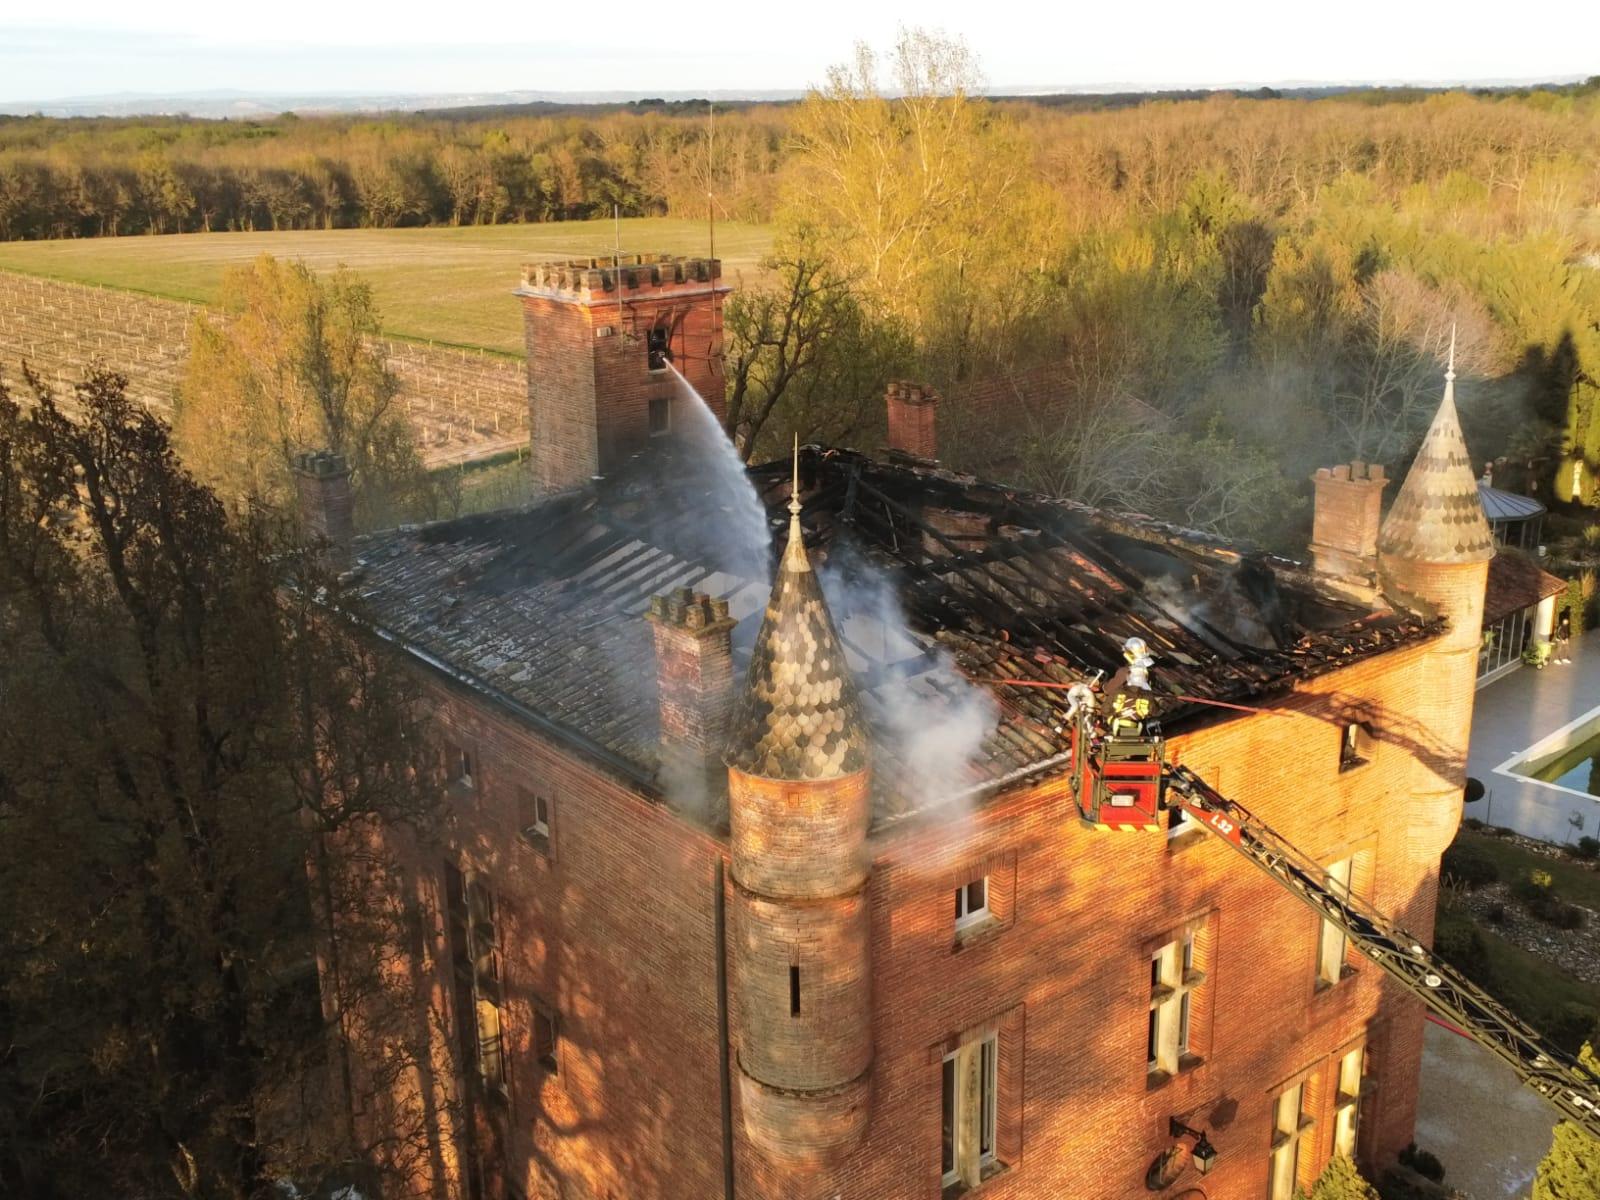 Incendie dans un château près de Toulouse à Bouloc, des dizaines de pompiers mobilisés